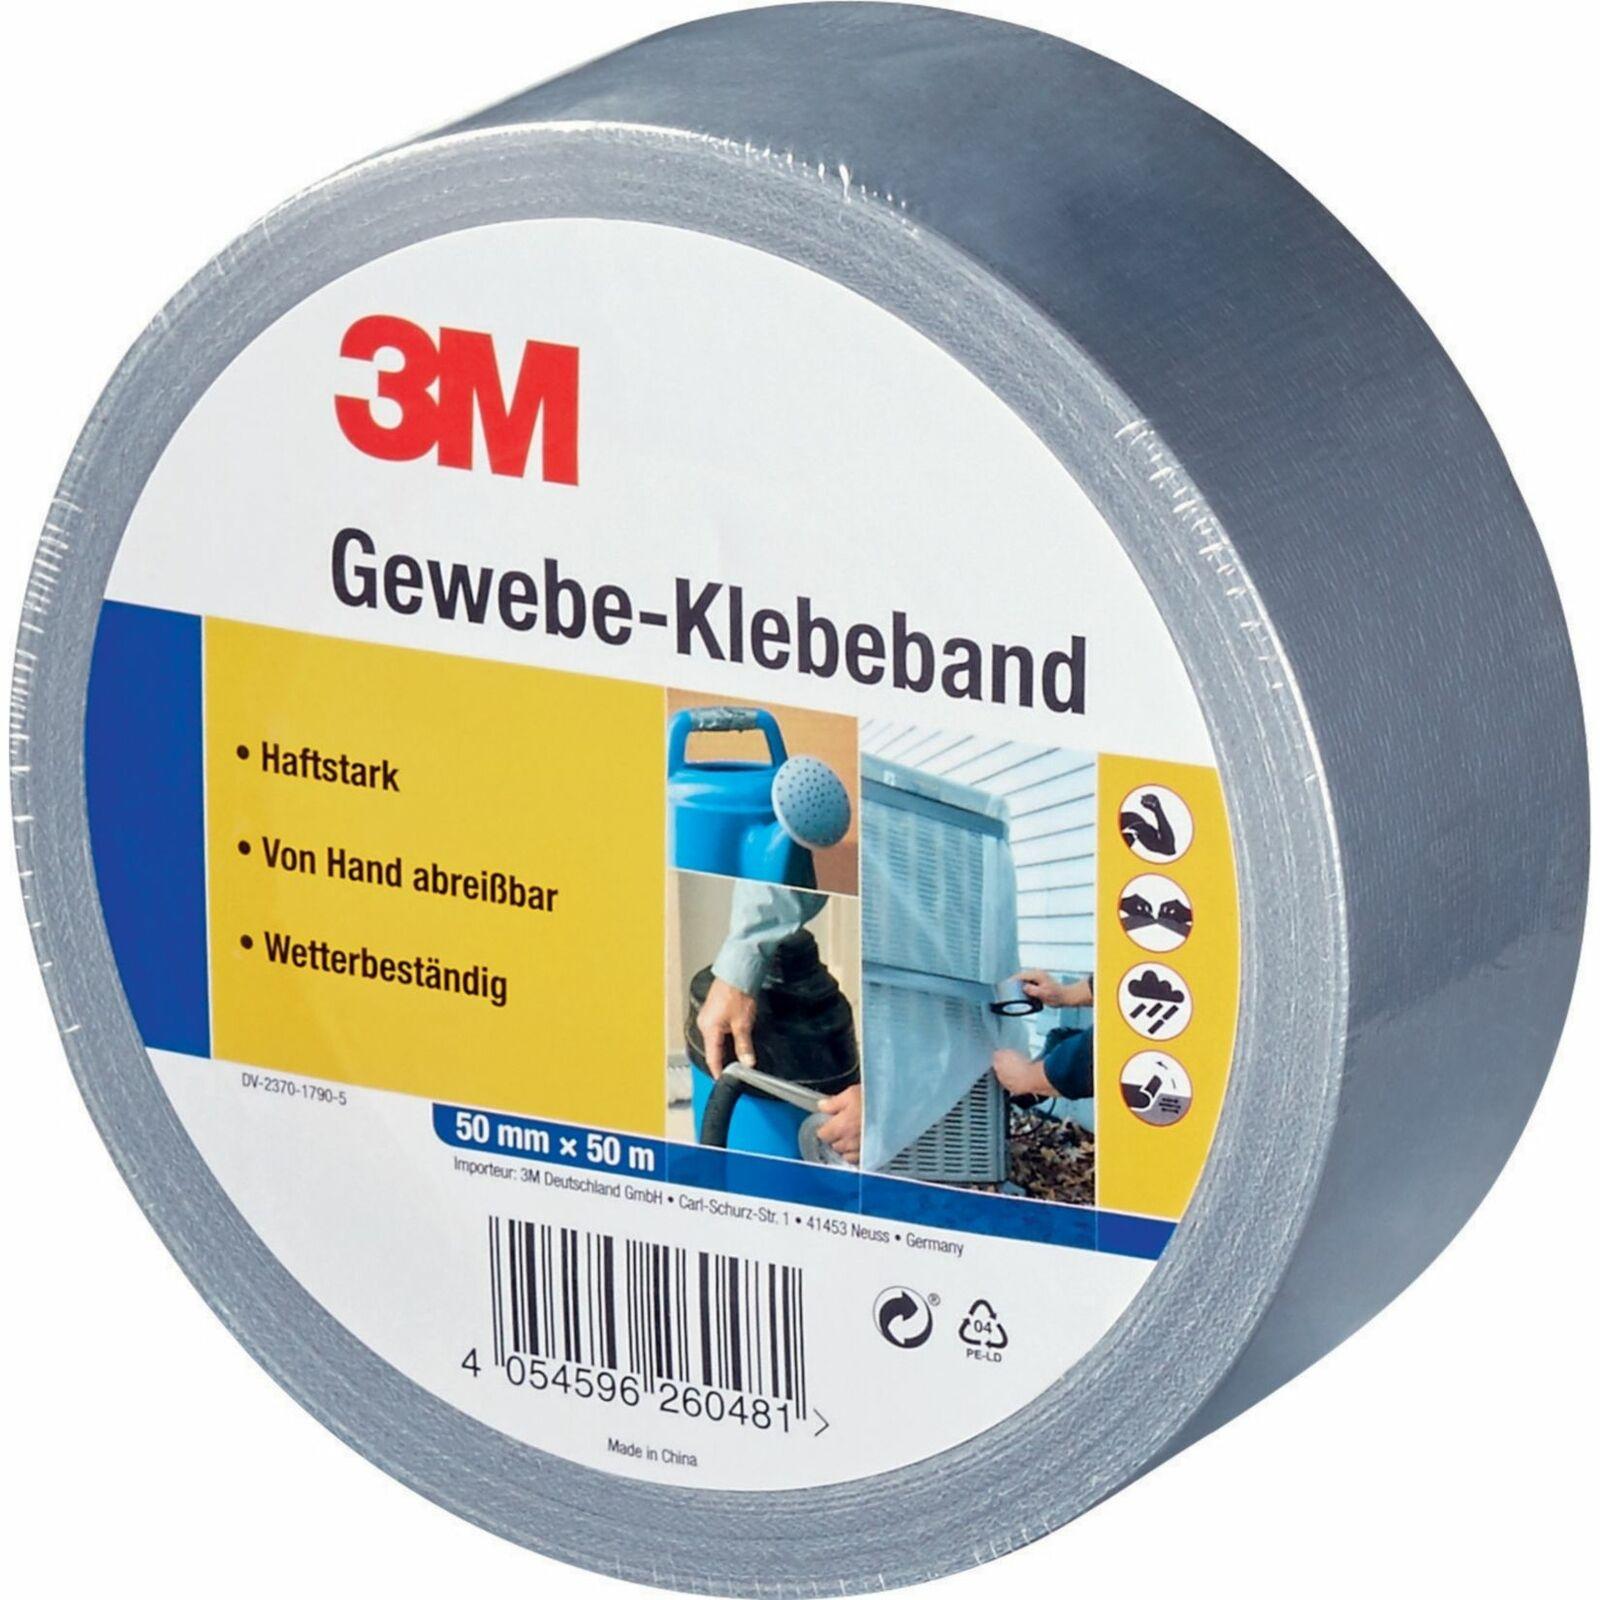 3M Gewebe-Klebeband / 3M Verpackungs-Klebeband für je 1,99€ [Netto MD]